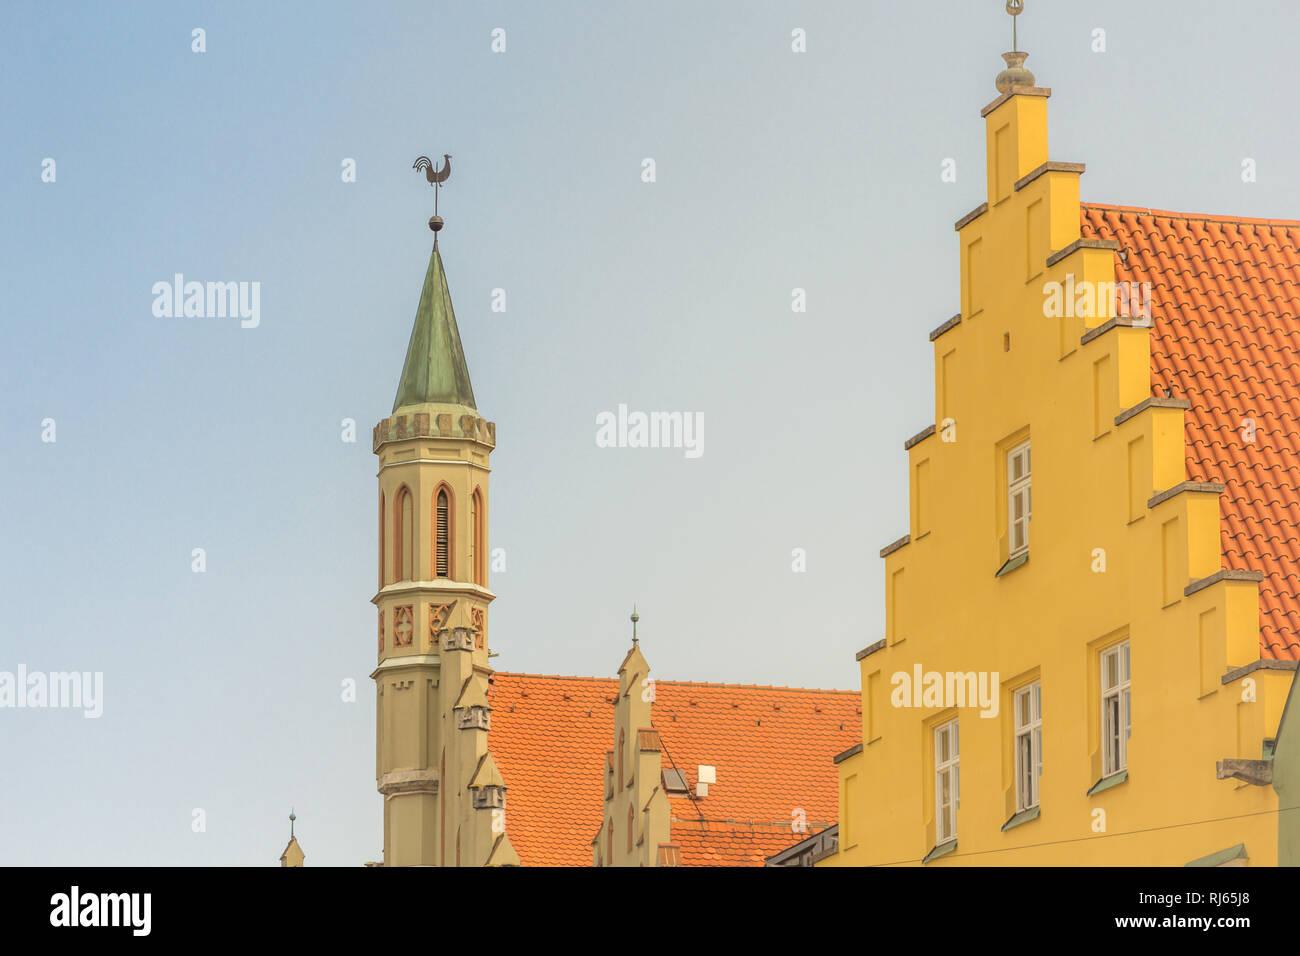 Das Rathaus in Landshut, Turm, Turmspitze mit Wetterhahn, Detailansicht Stockbild